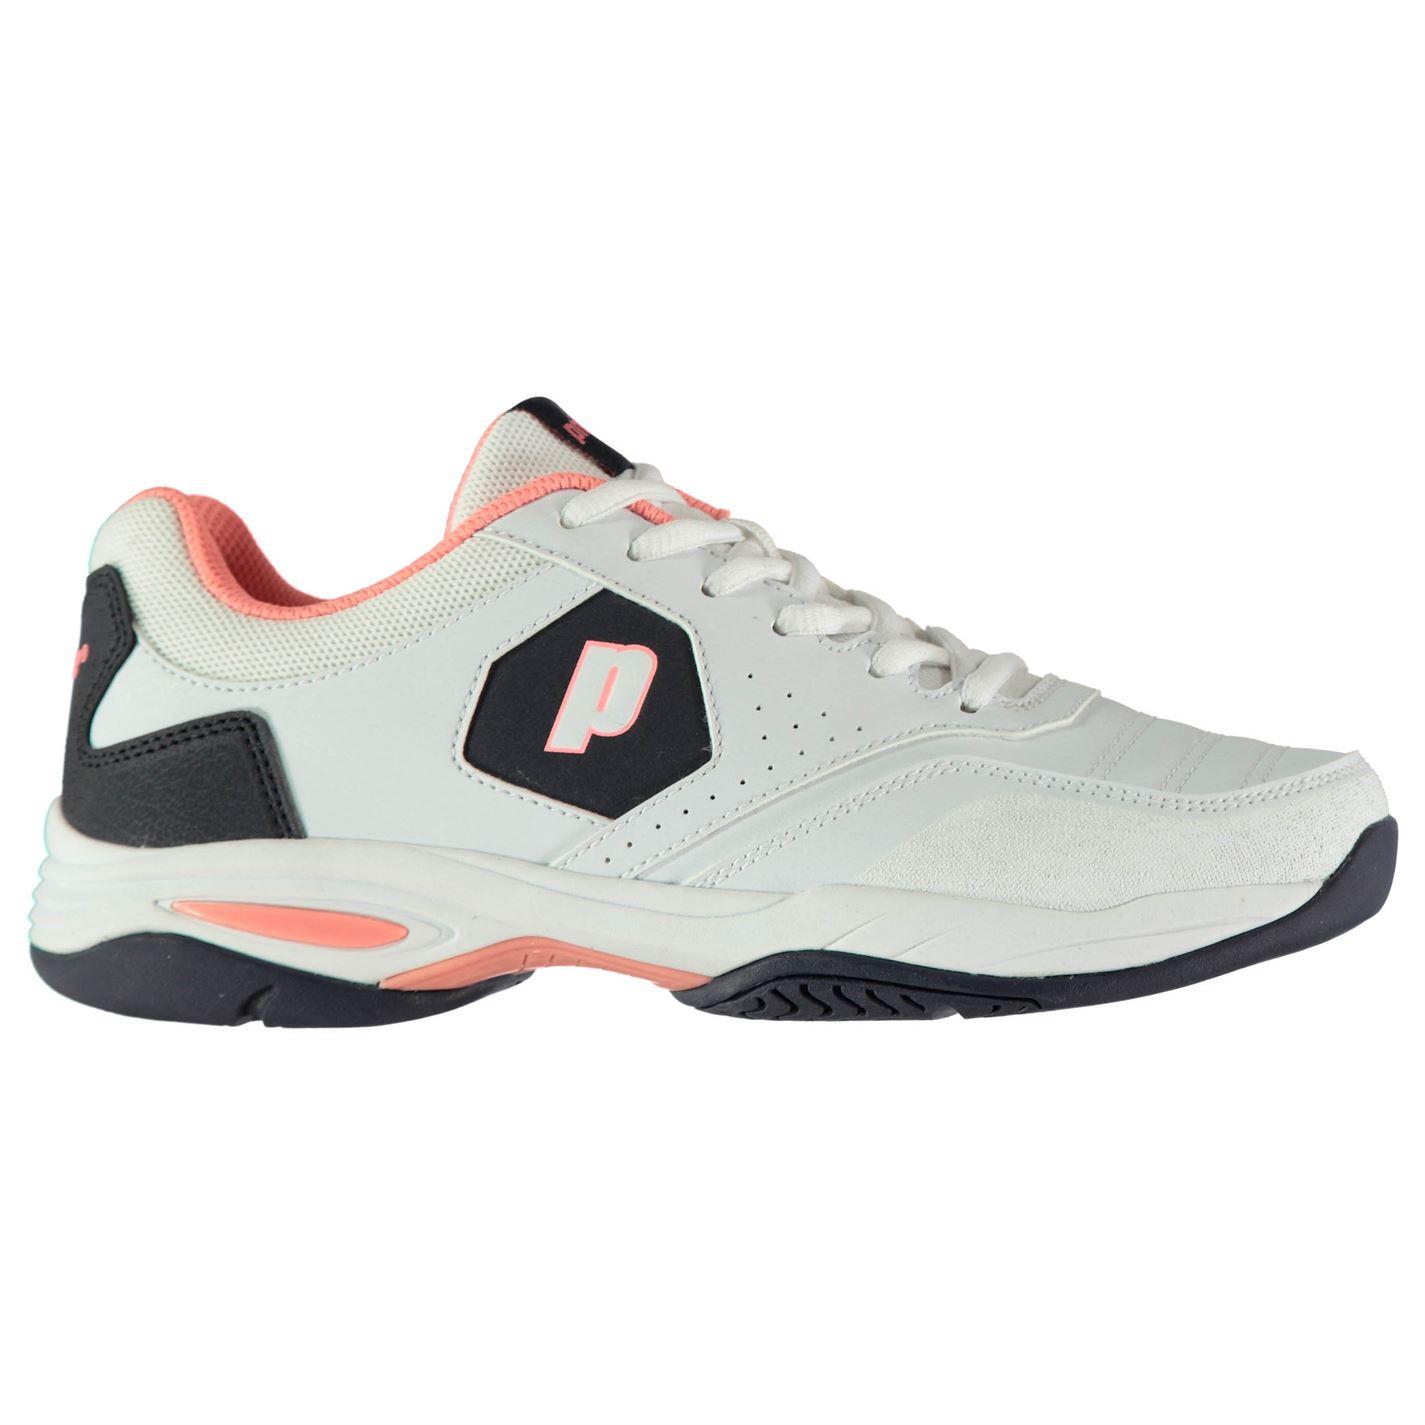 d5d338a60b1e Športové tenisky Prince Reflex Ladies Tennis Shoes - Glami.sk